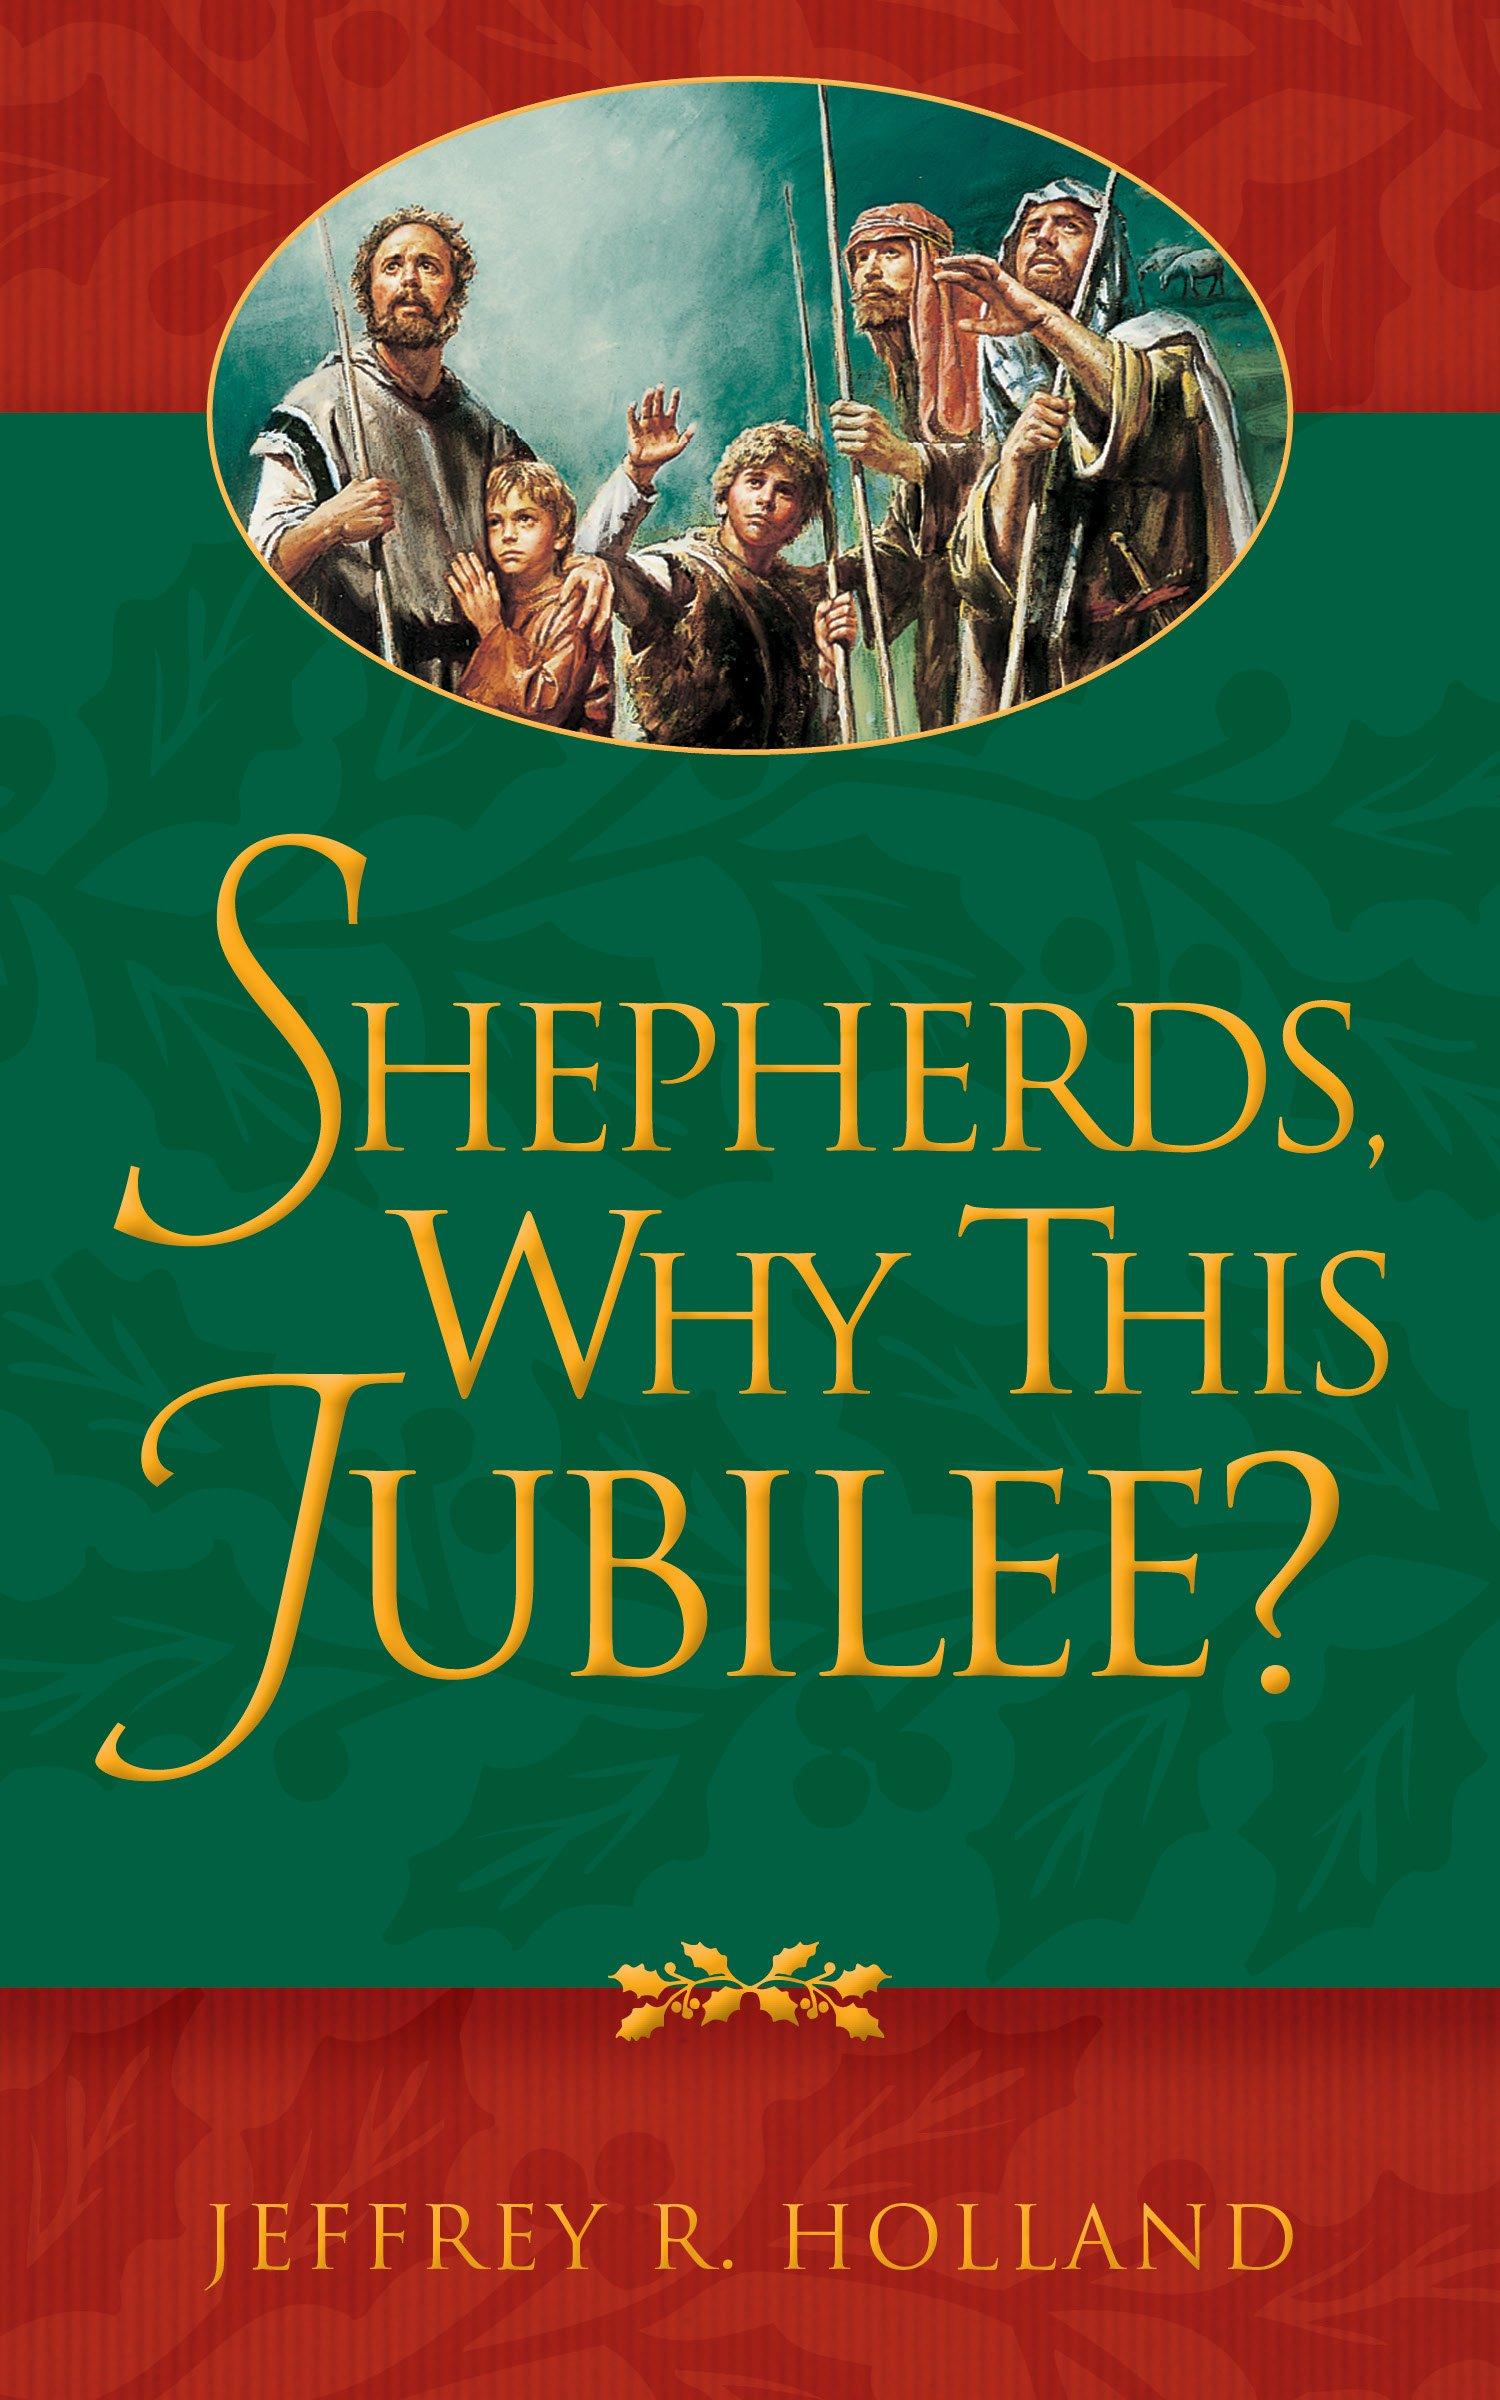 Shepherds, Why This Jubilee? ebook